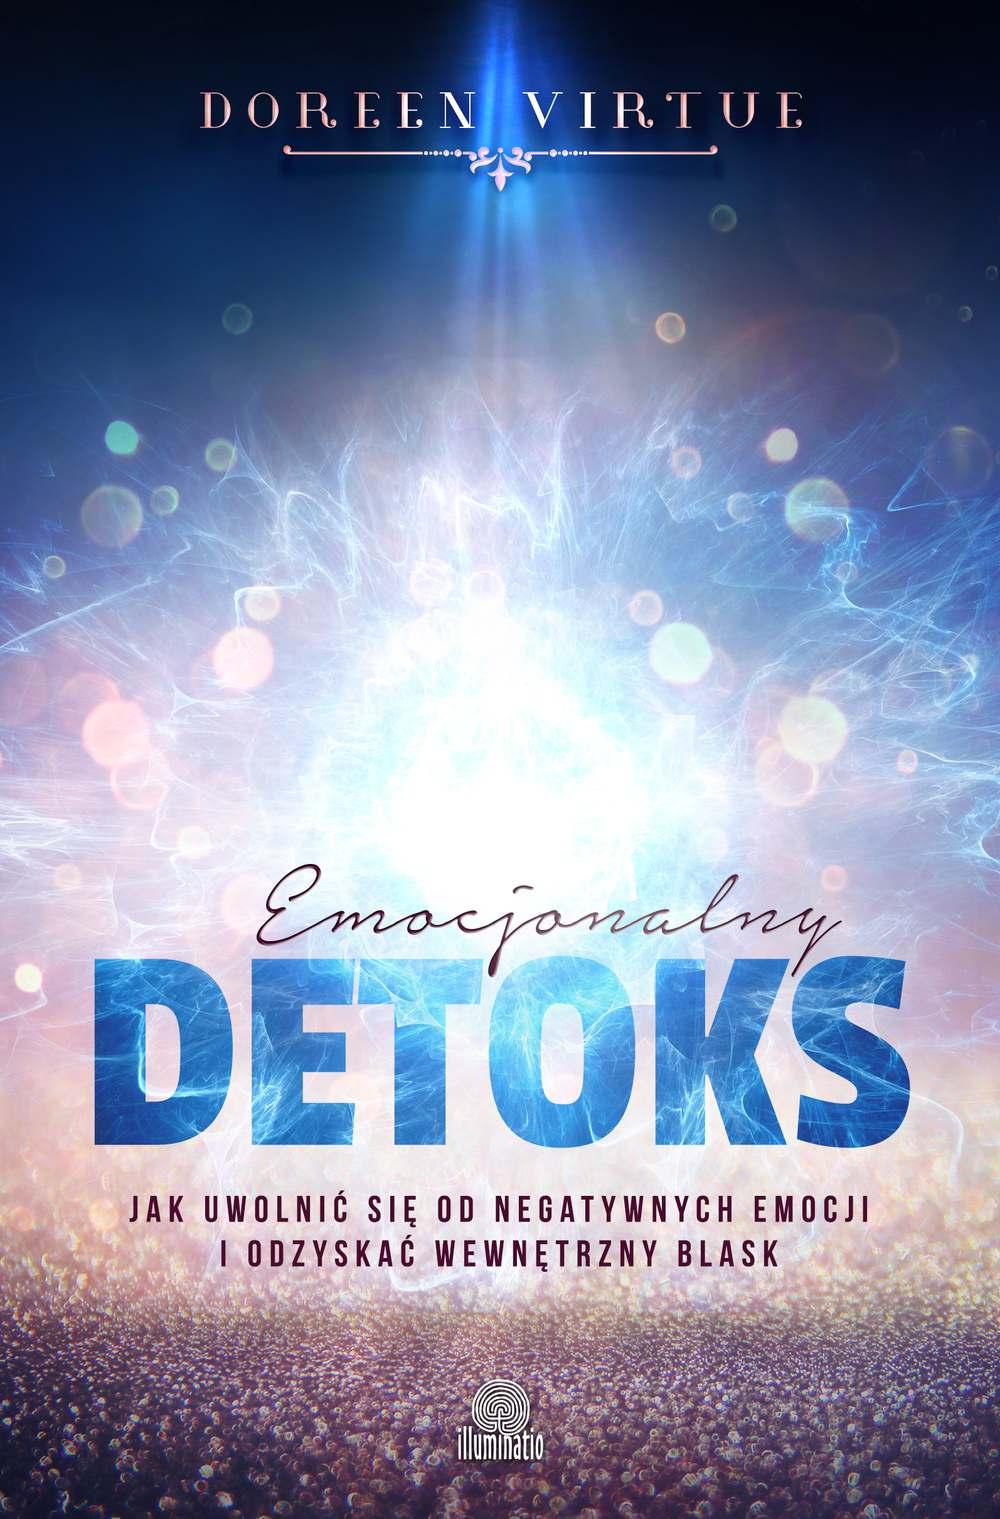 Emocjonalny detoks. Jak uwolnić się od negatywnych emocji i odzyskać wewnętrzny blask - Ebook (Książka EPUB) do pobrania w formacie EPUB